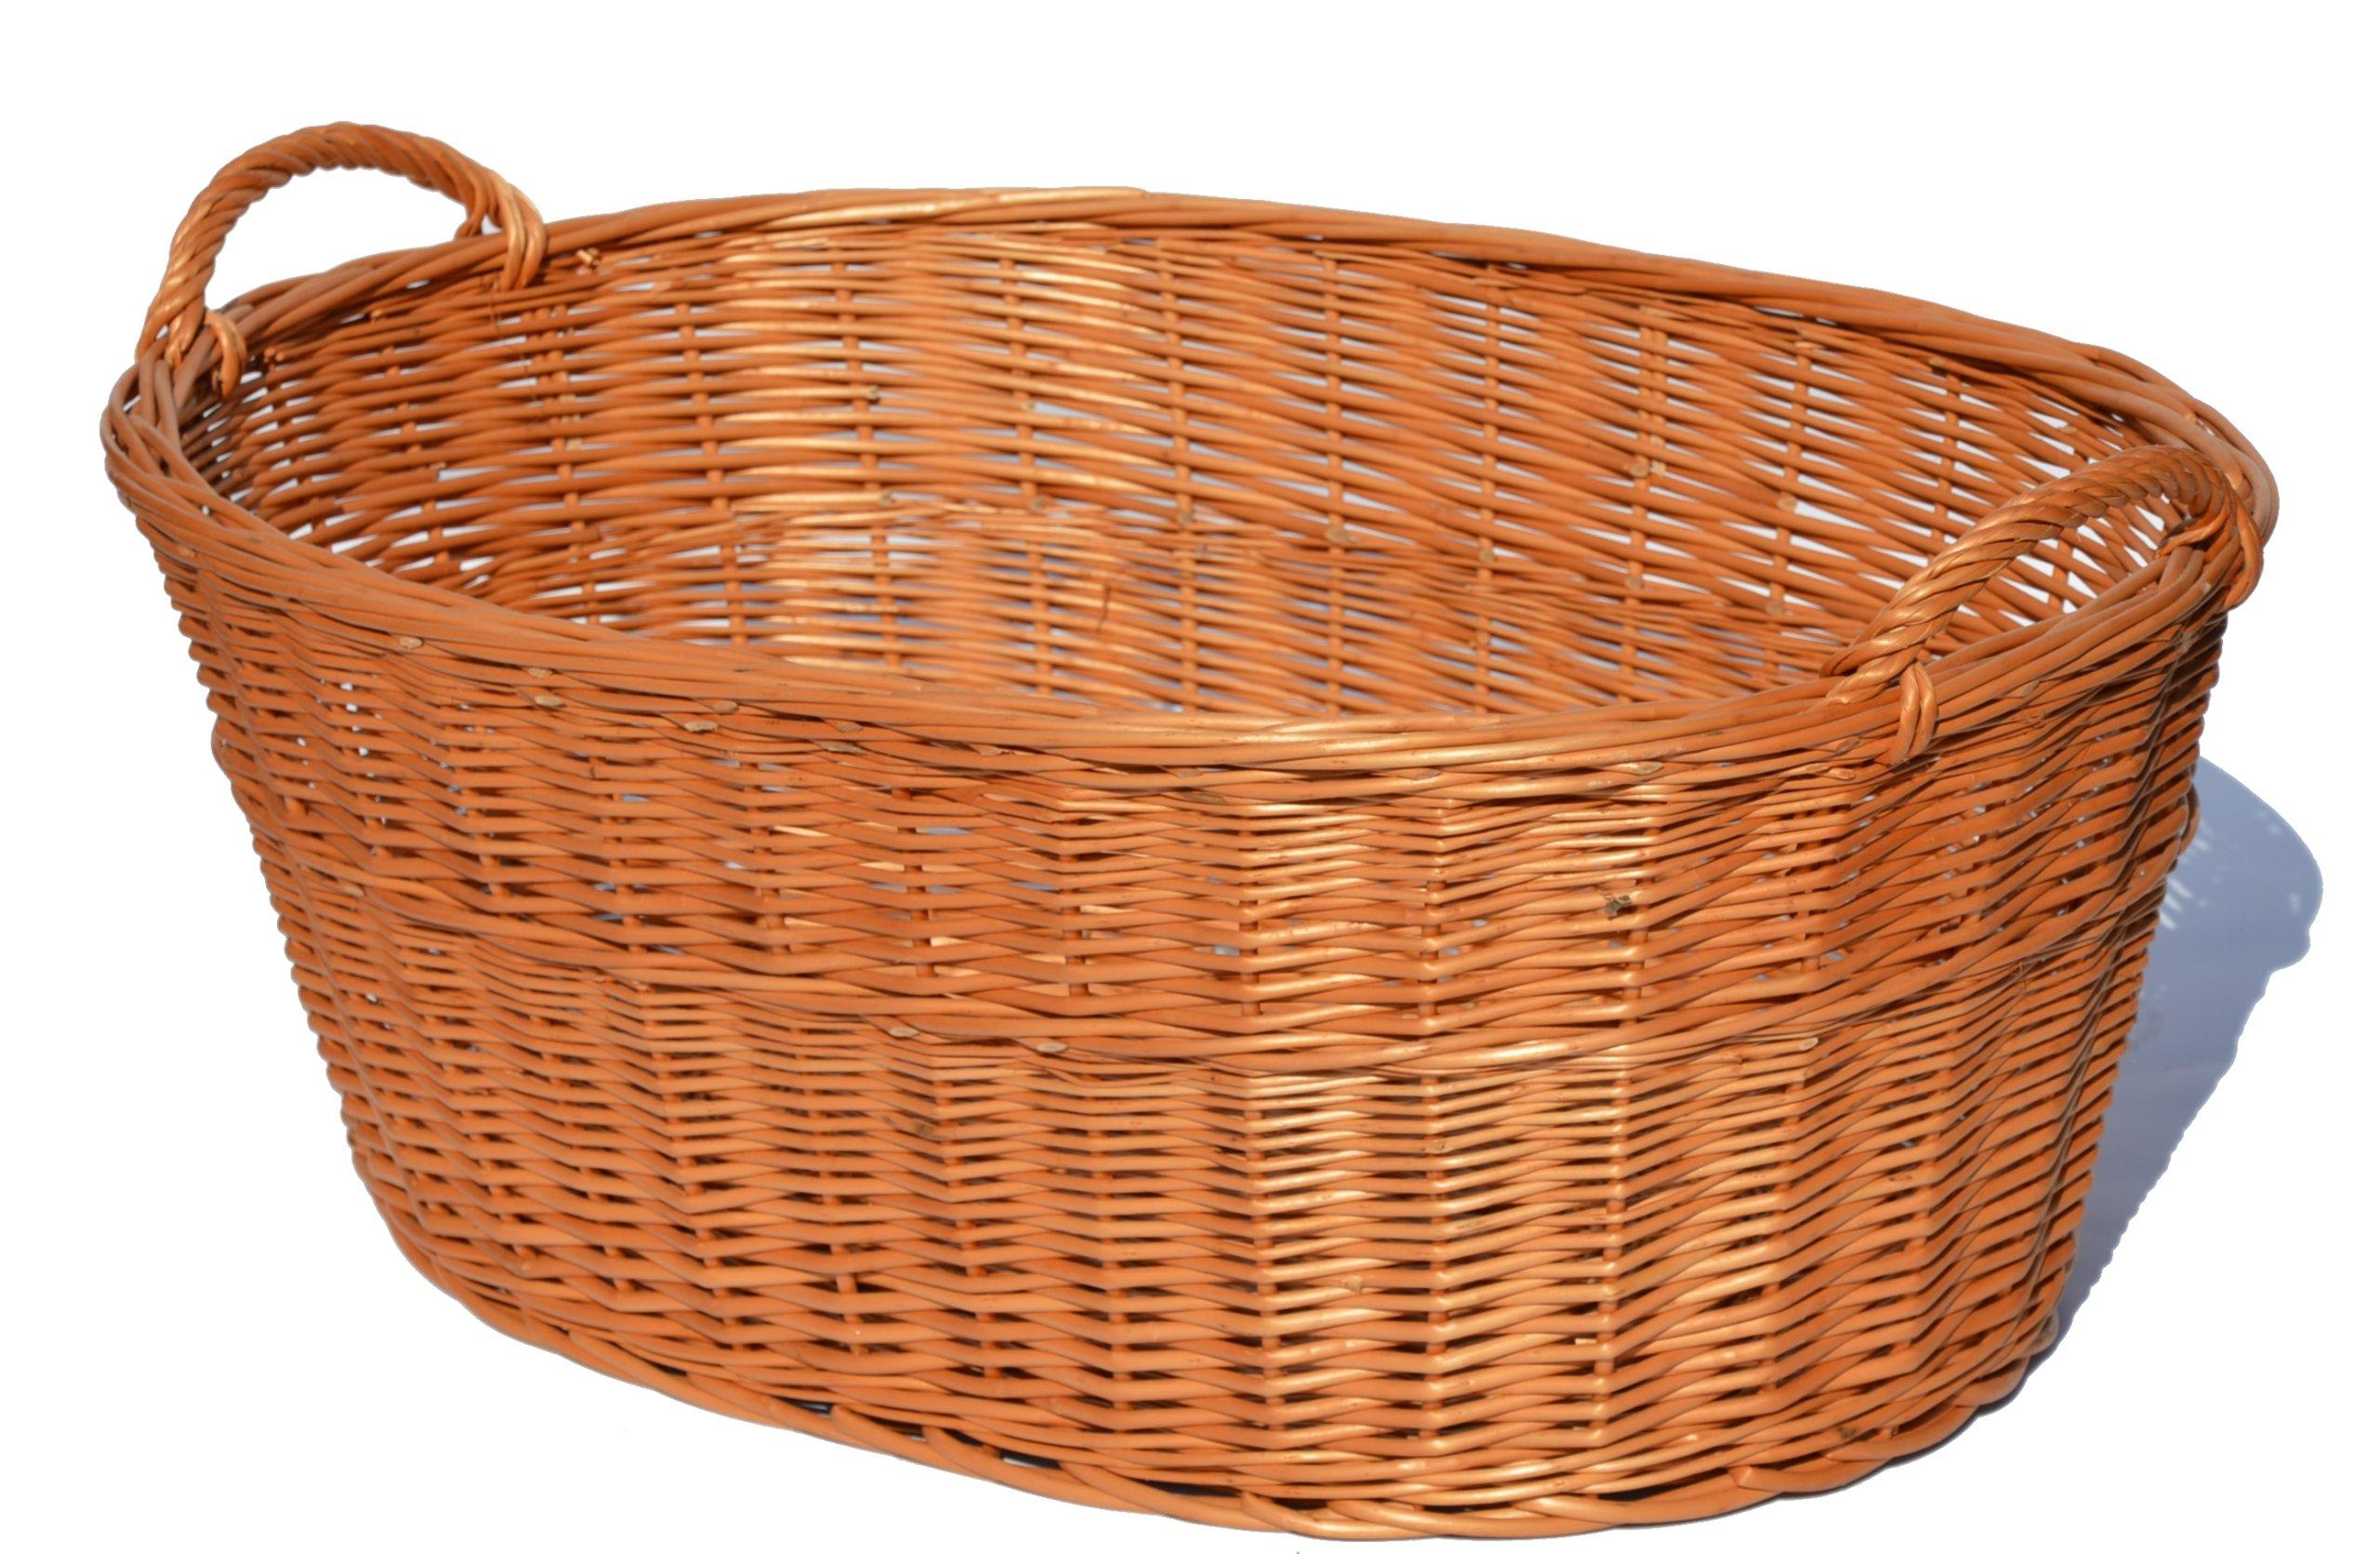 Košík pre bielizeň umývanie košíka prútené Wicker70